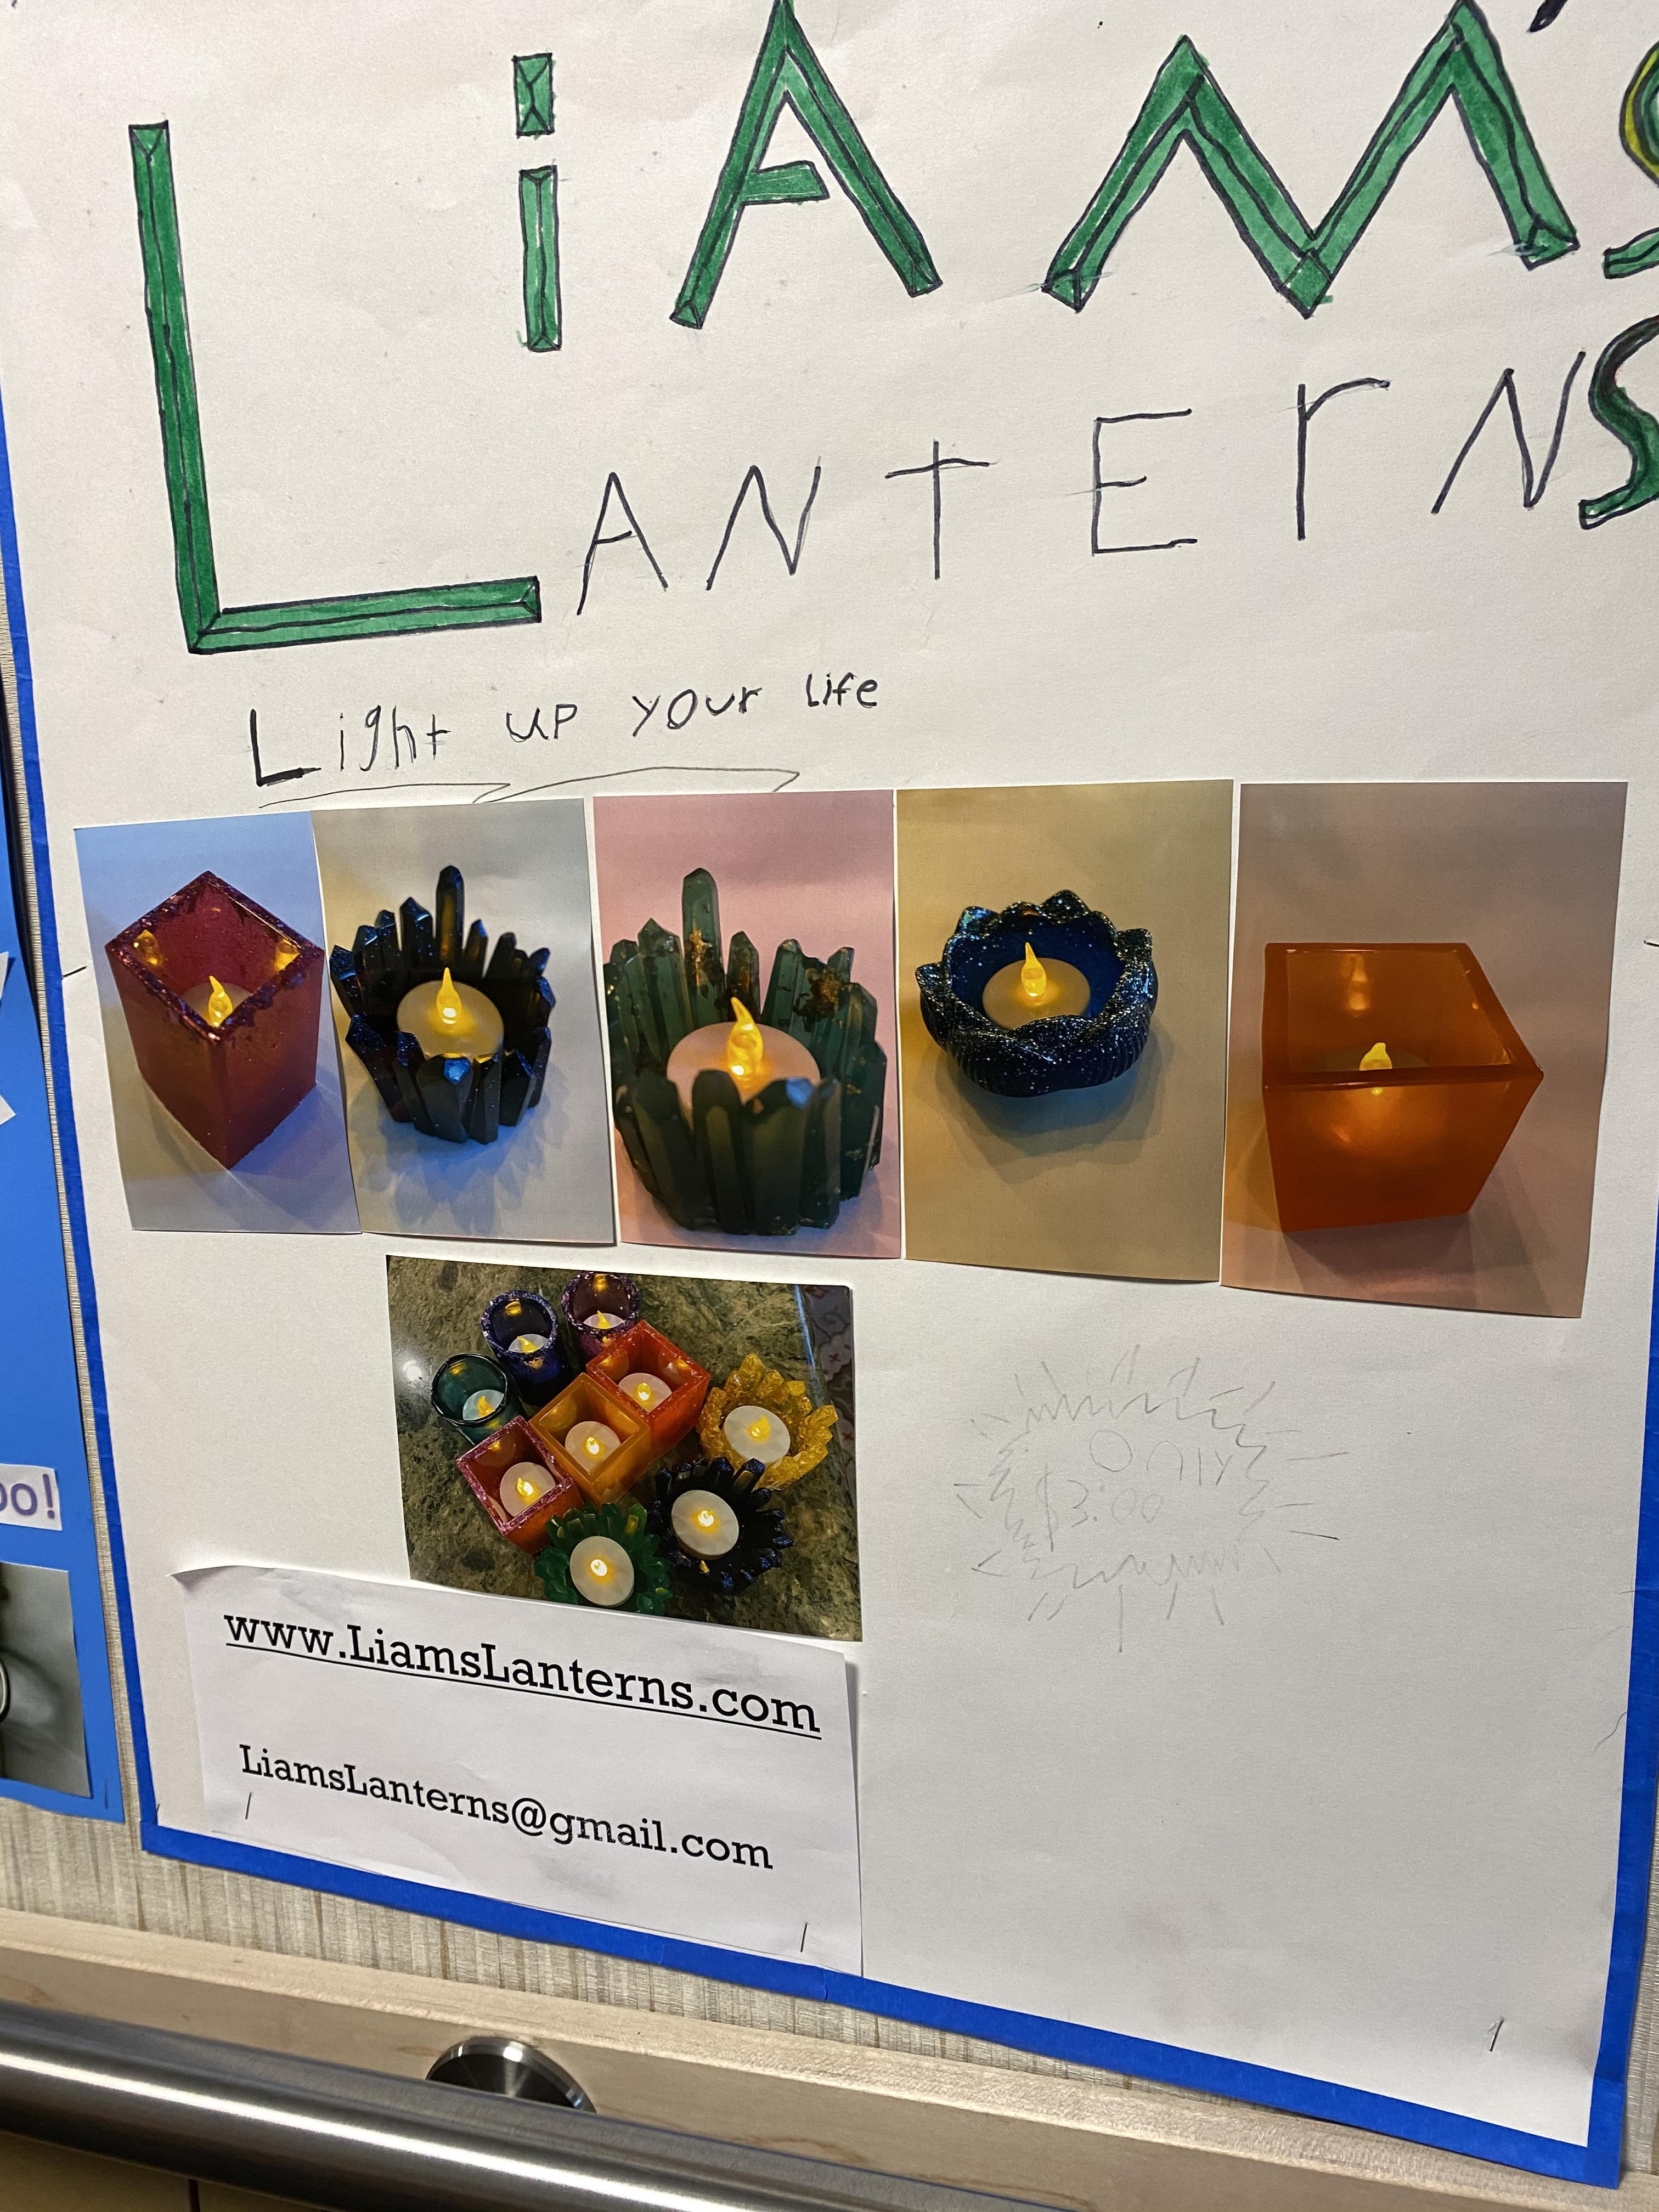 Laim's lanterns